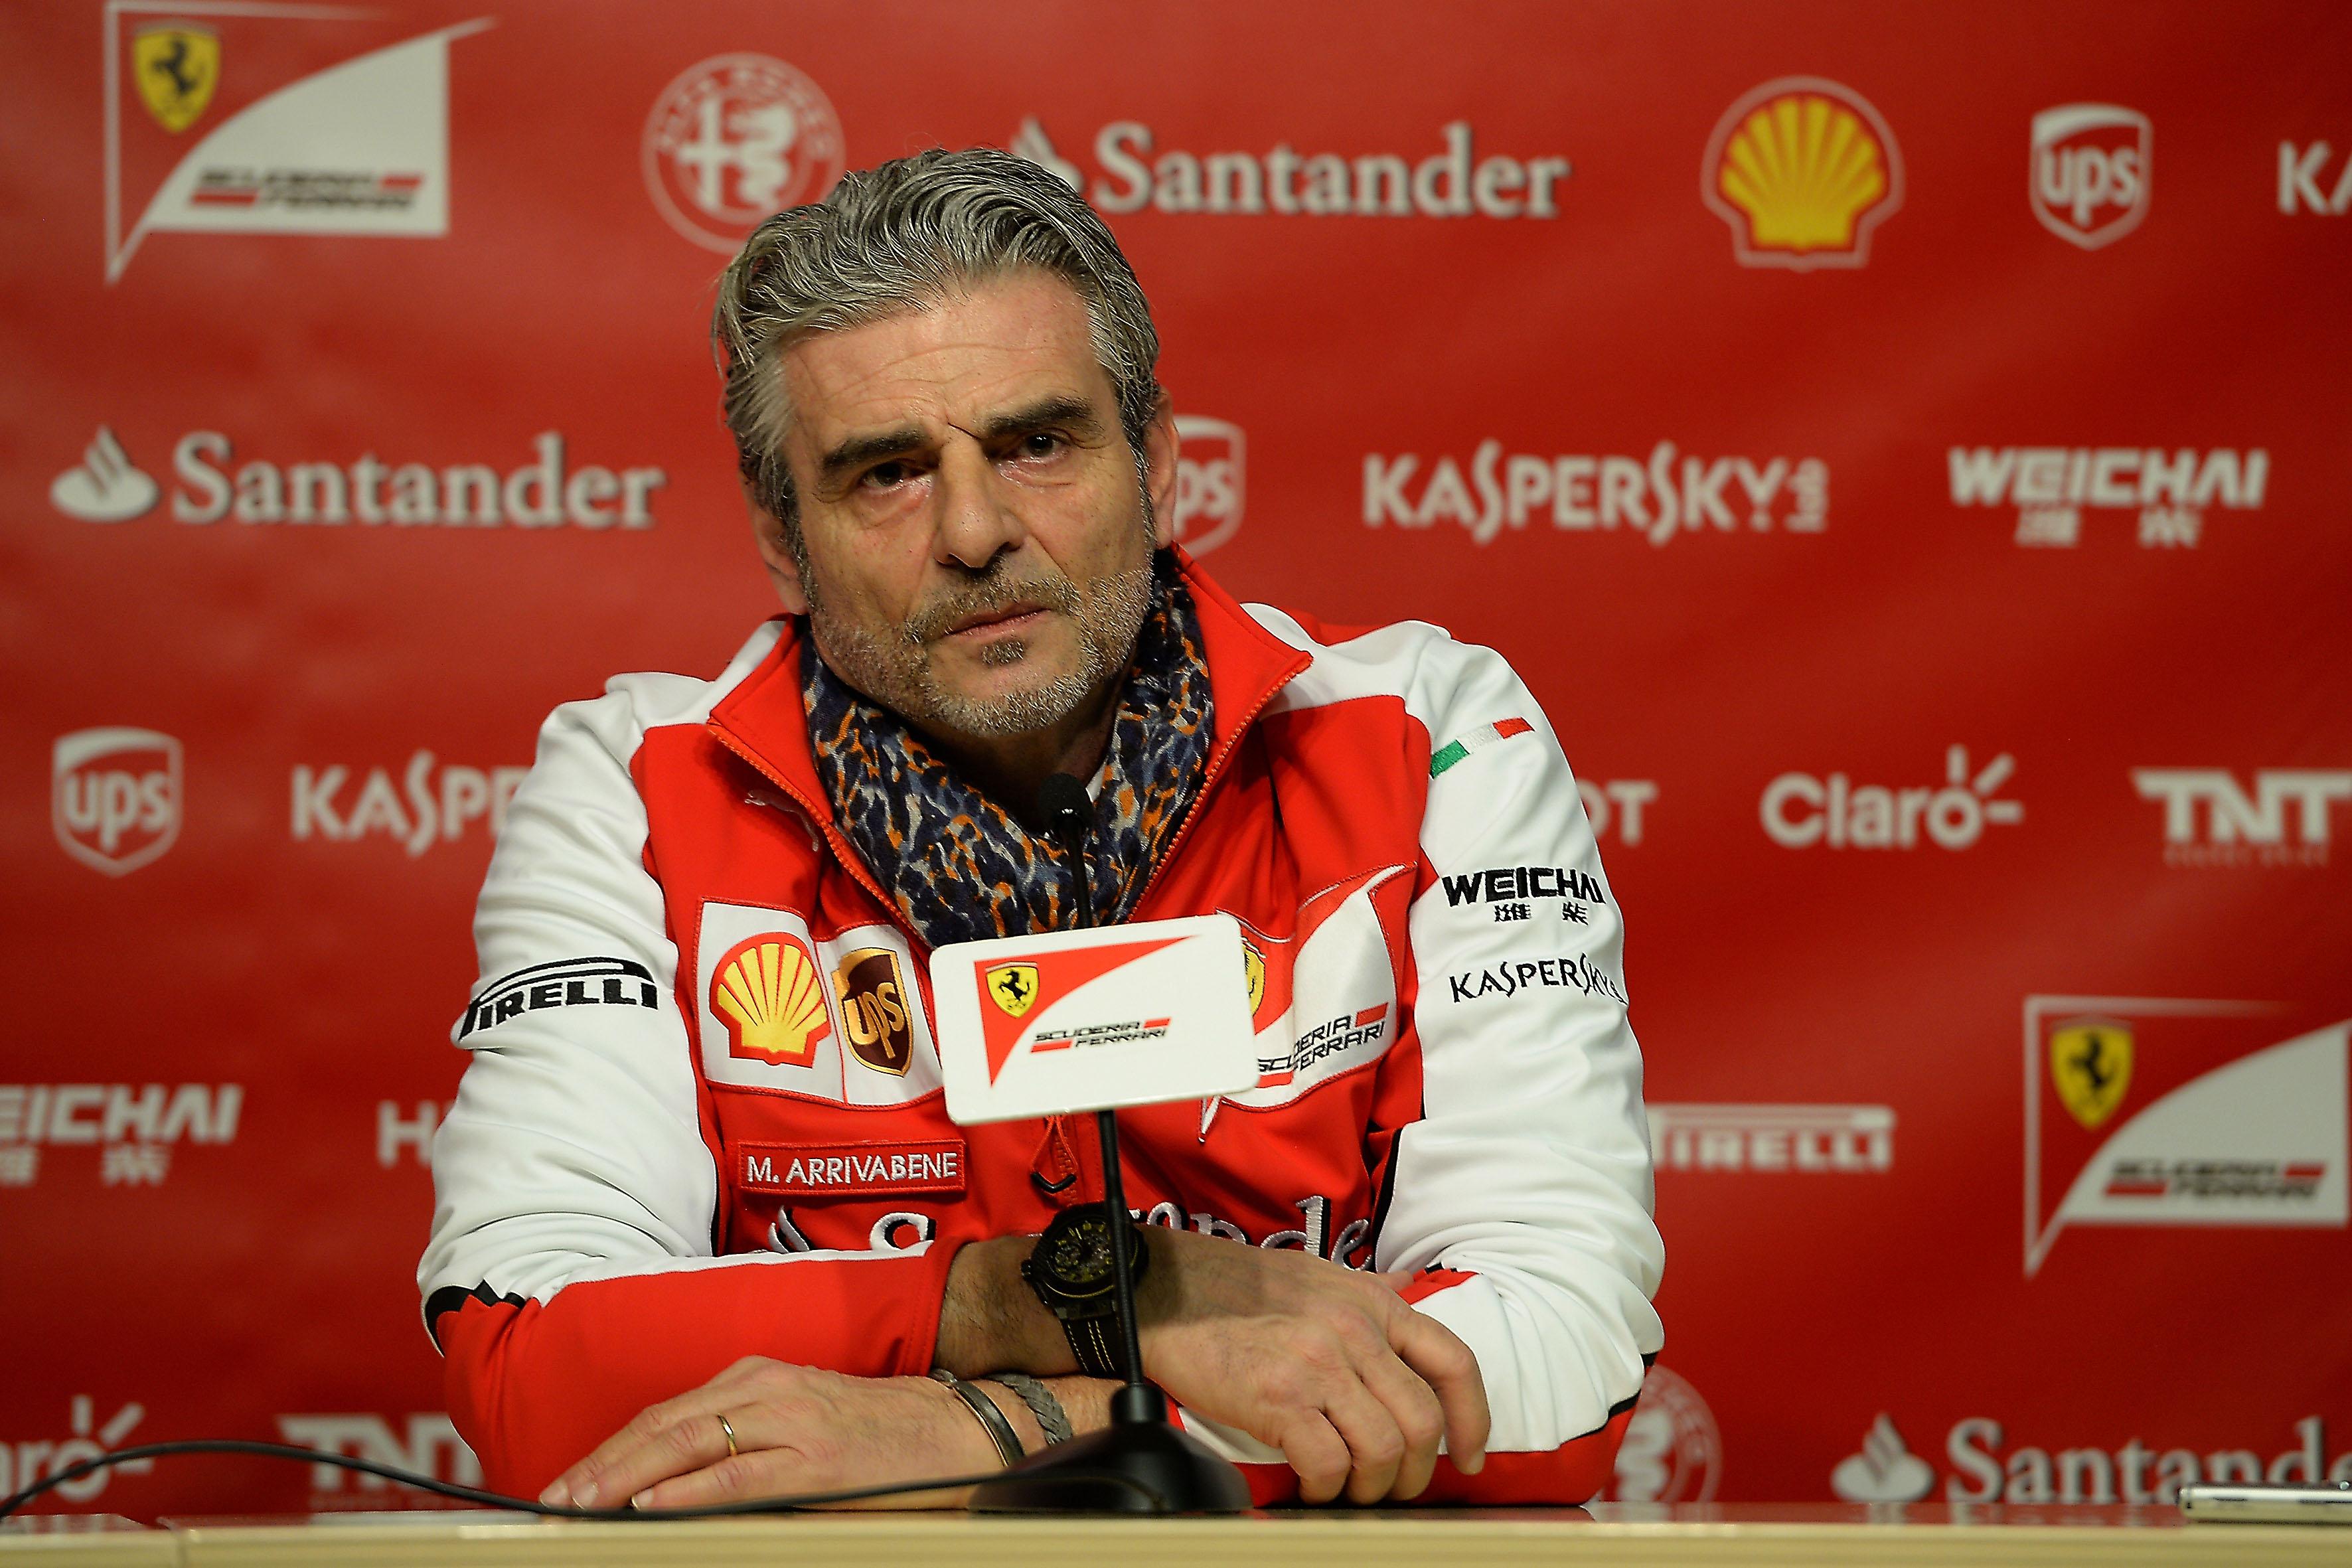 Arrivabene incontra la stampa a Barcellona